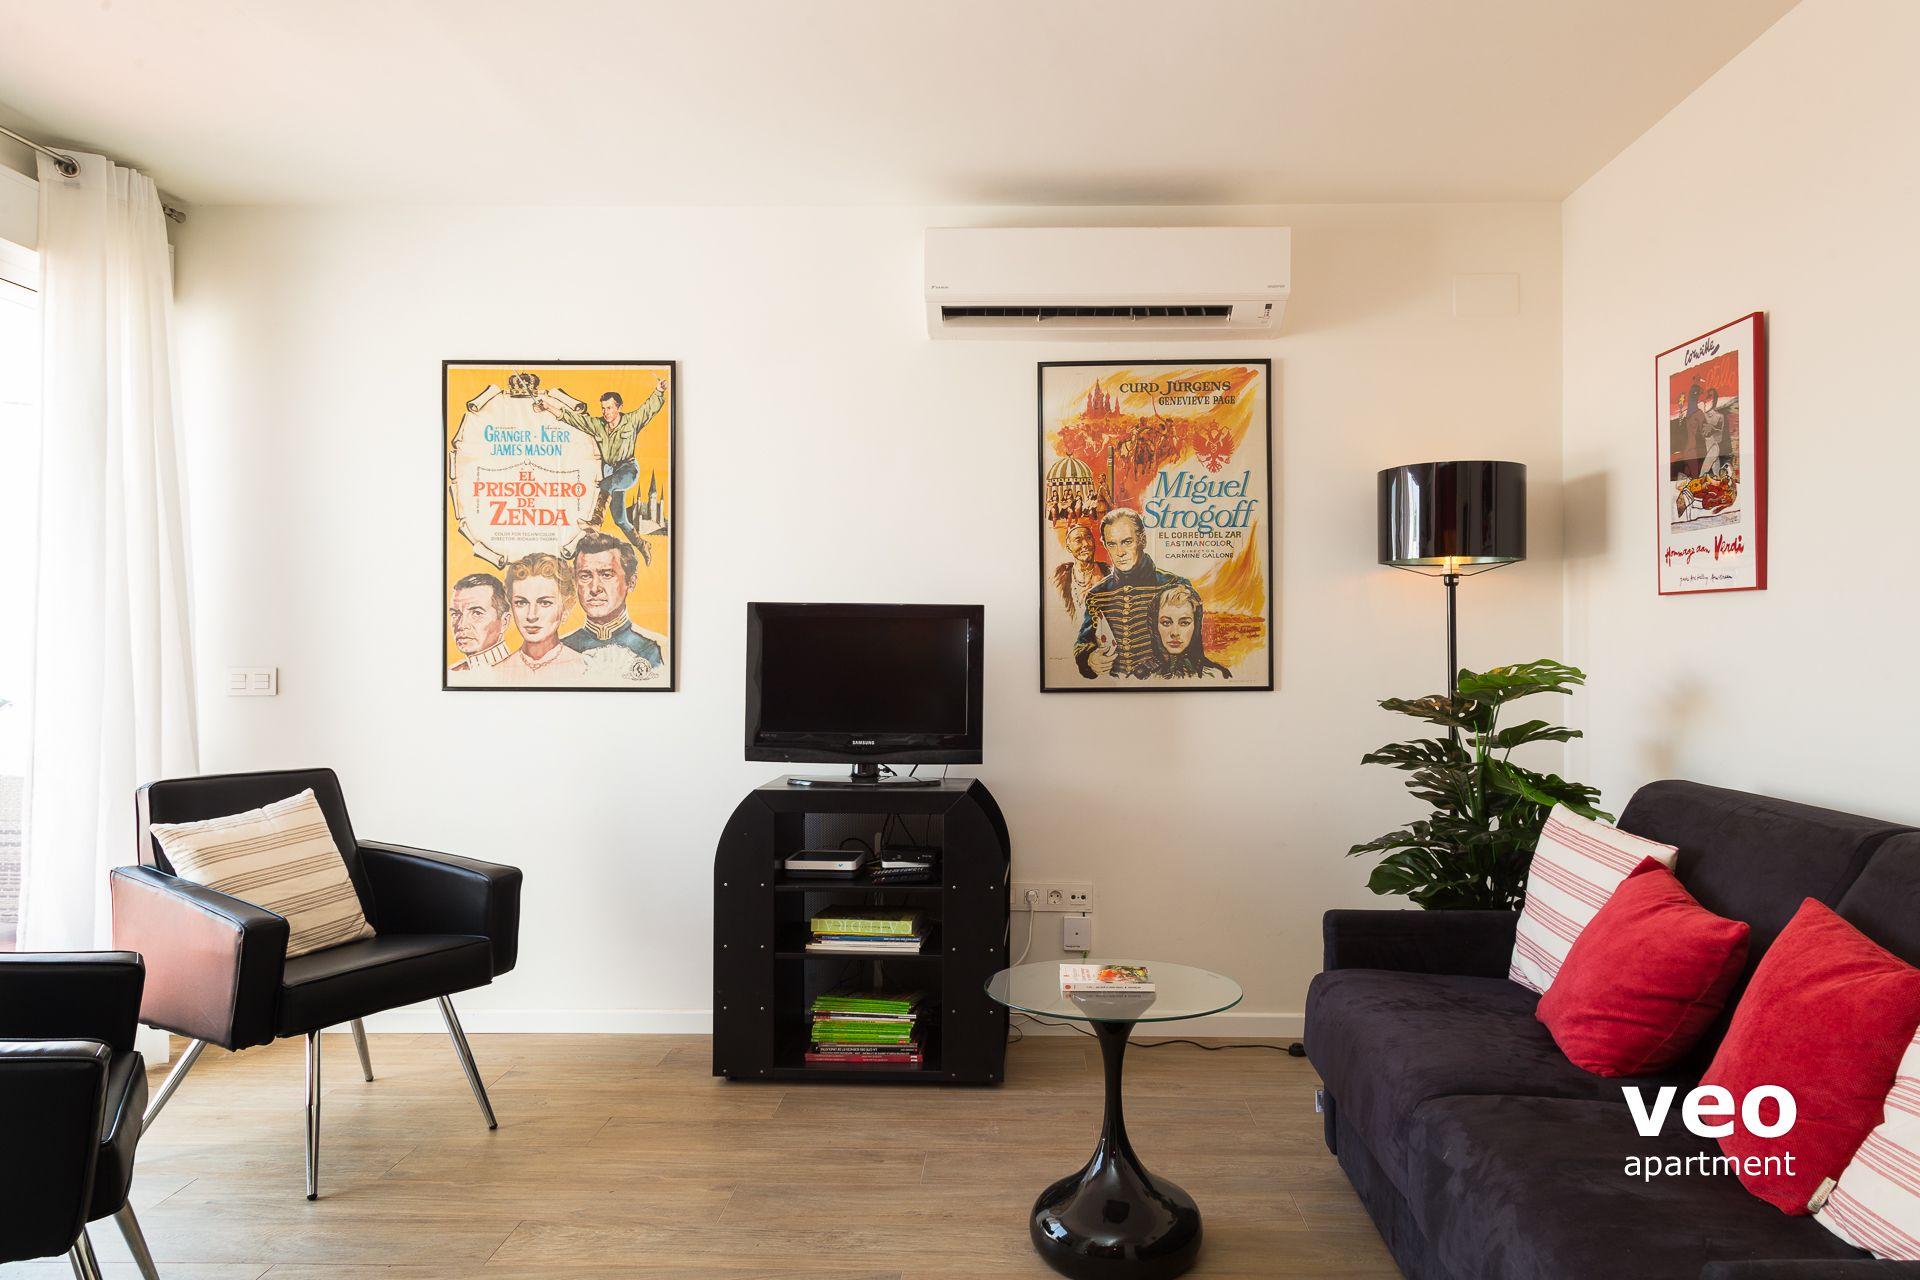 Sevilla apartmento calle pelay correa sevilla espa a for Registro bienes muebles sevilla